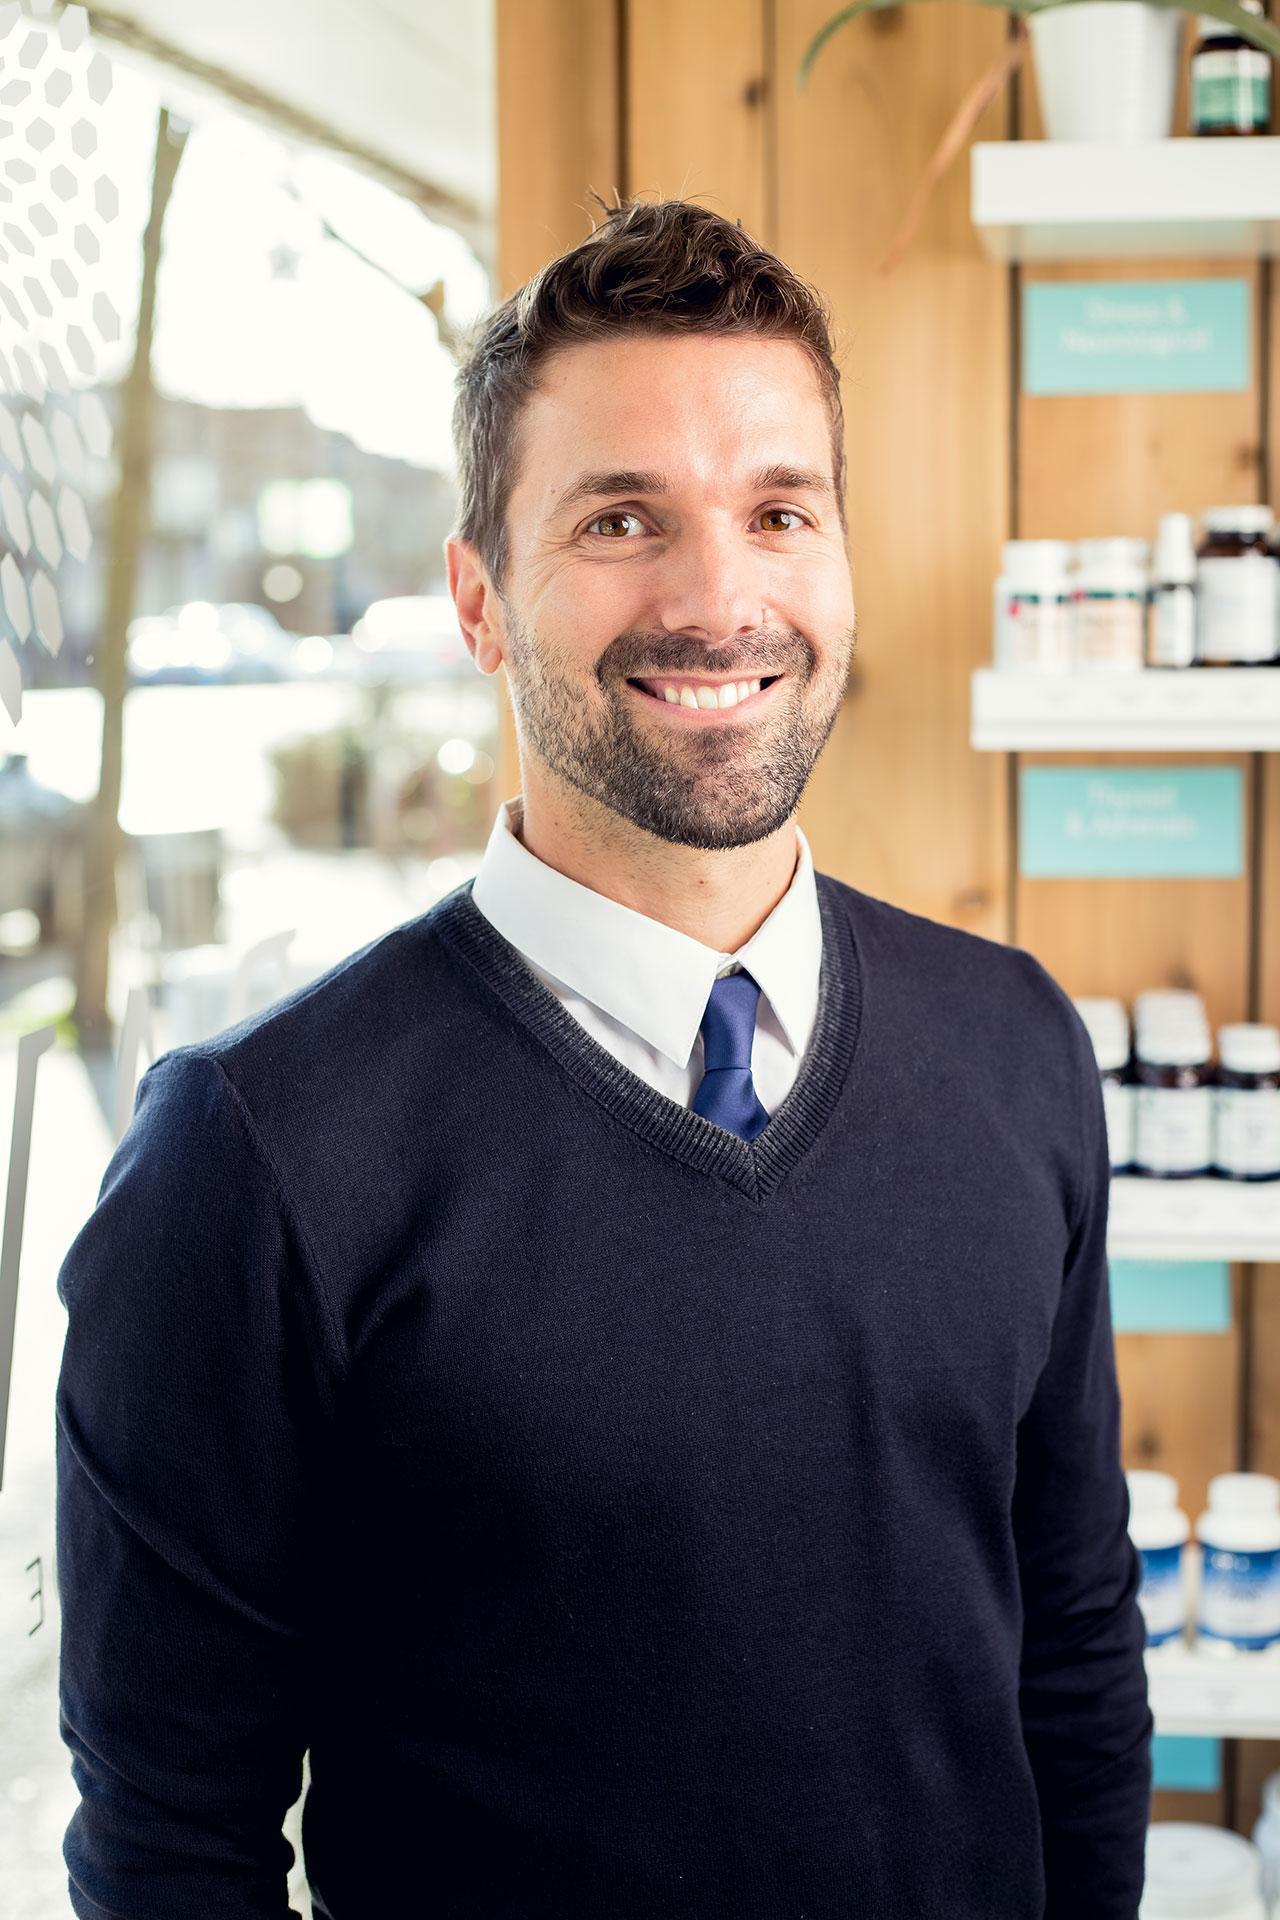 DR. NICHOLAS JENSEN (ND)